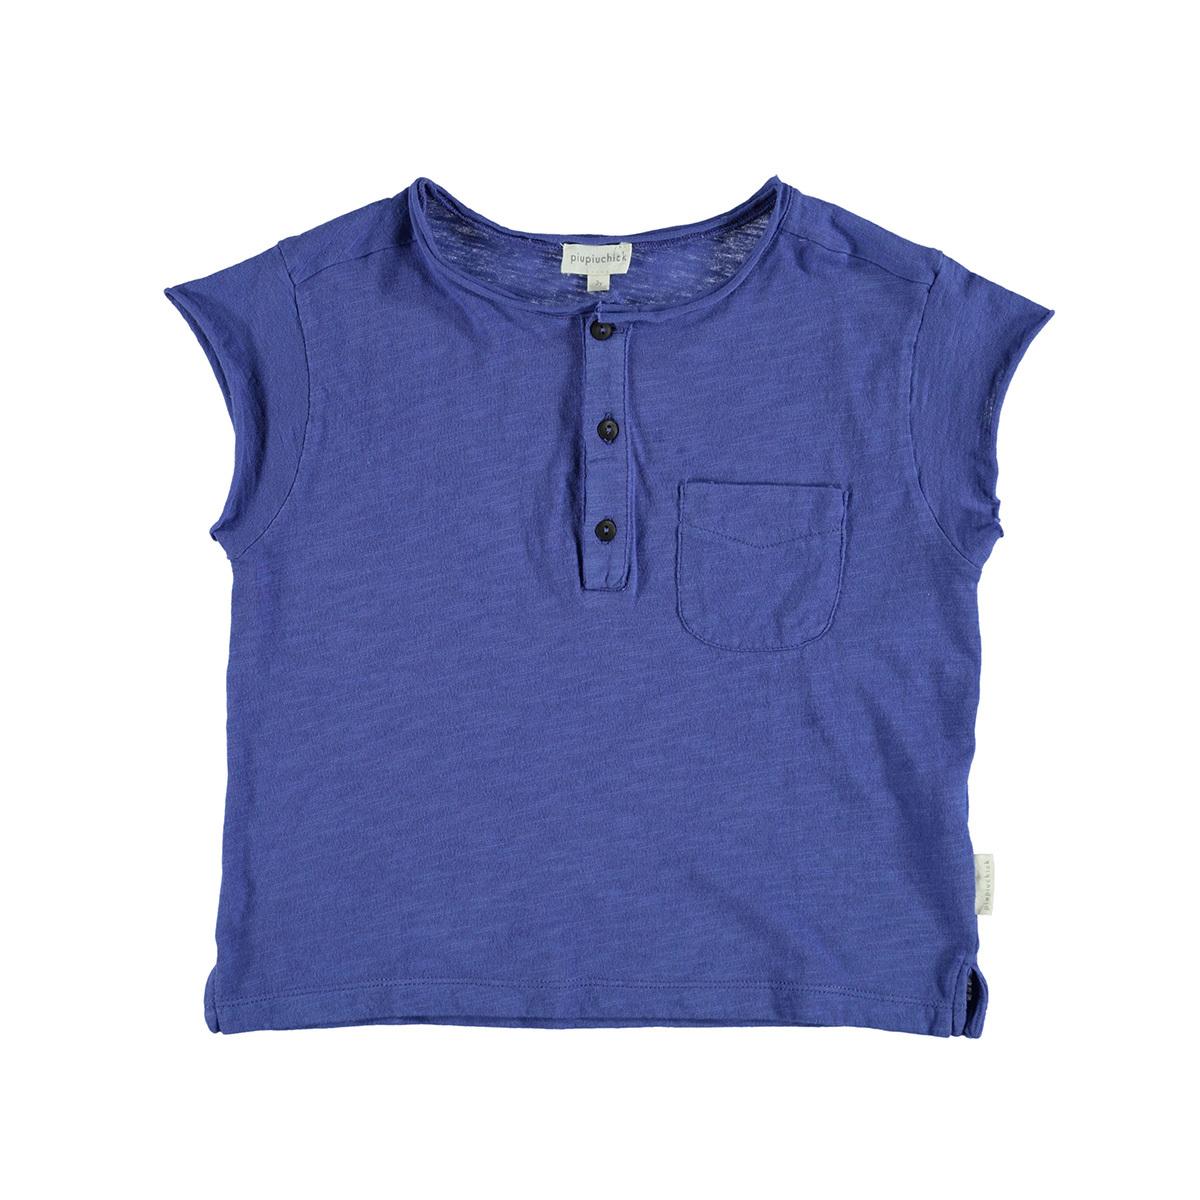 Haut bébé T-Shirt Bleu - 12 Mois T-Shirt Bleu - 12 Mois